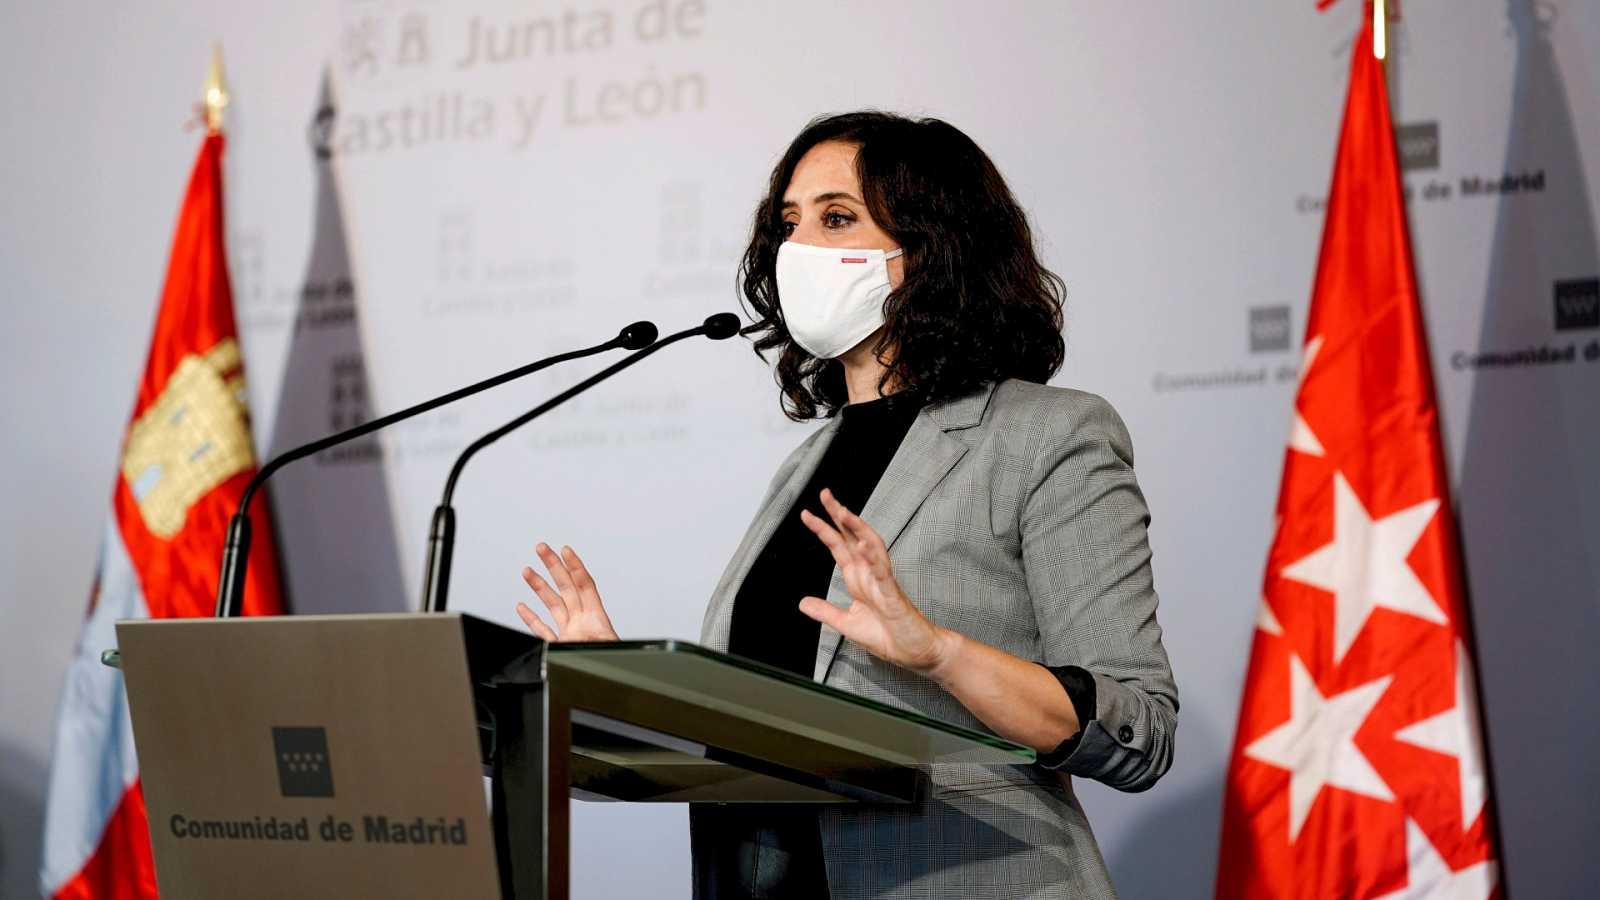 24 horas - El Gobierno permite a Madrid cerrar solo cuatro días, durante el puente de Todos los Santos - Escuchar ahora